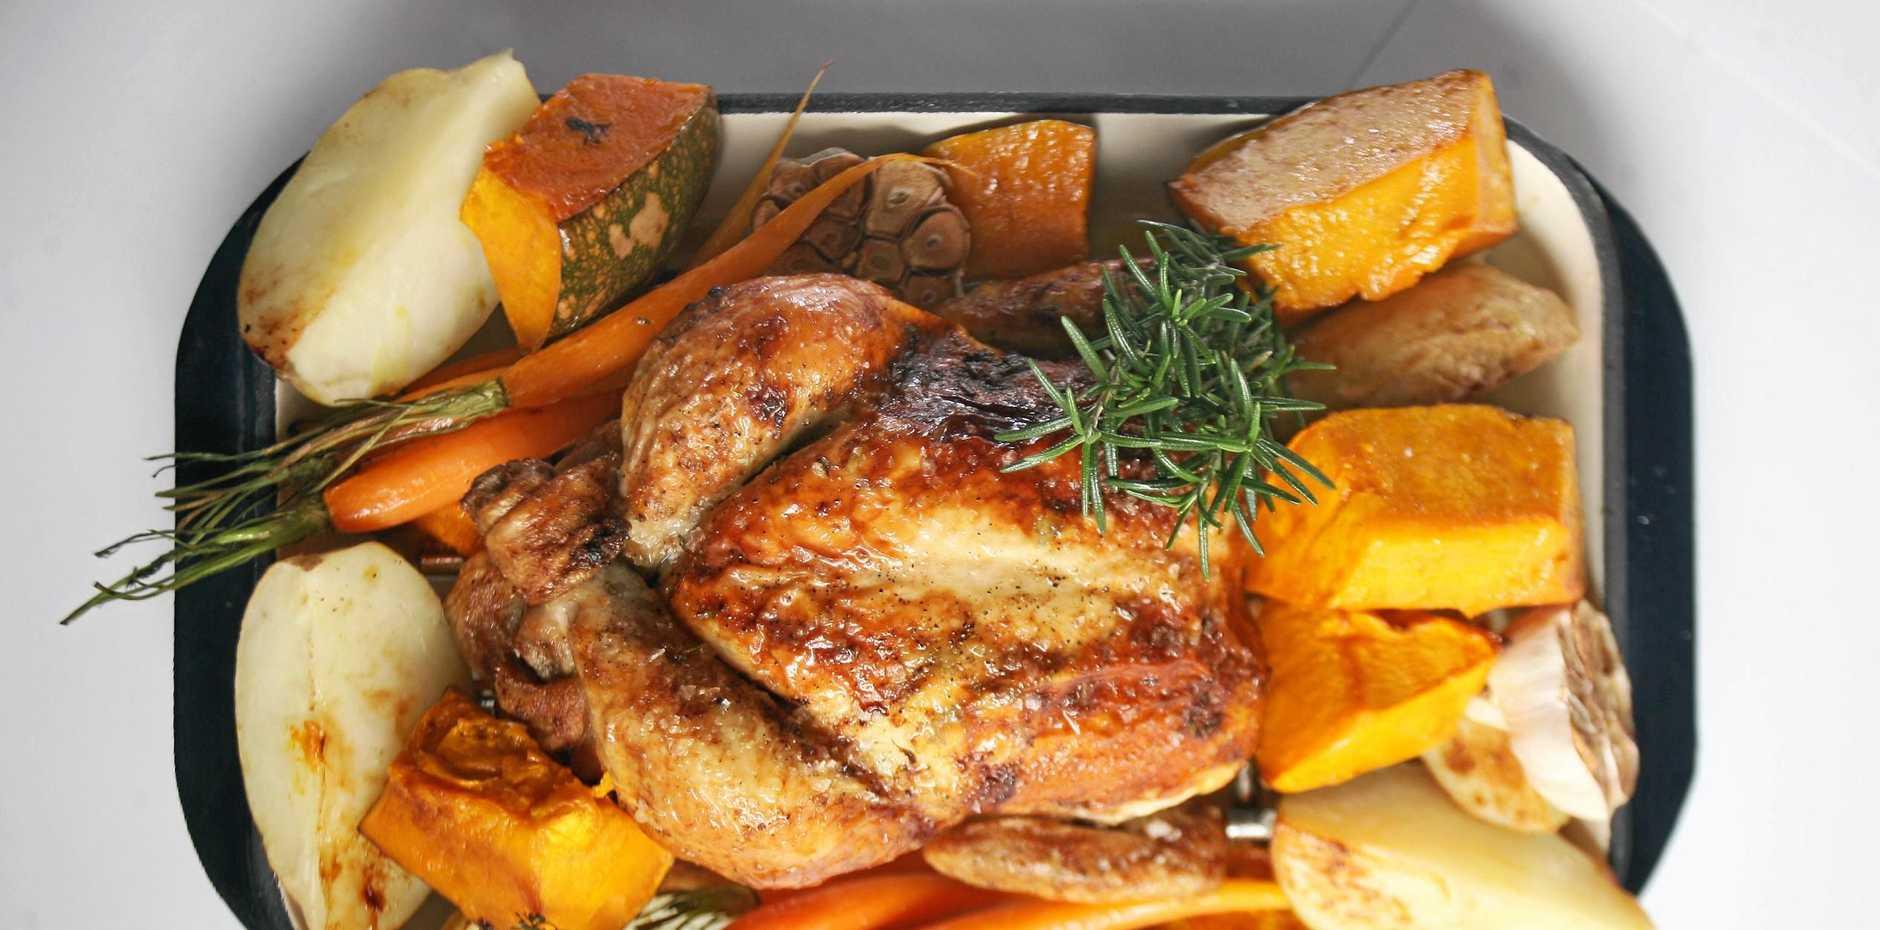 A drug addict stole a chicken tray in Bundaberg.